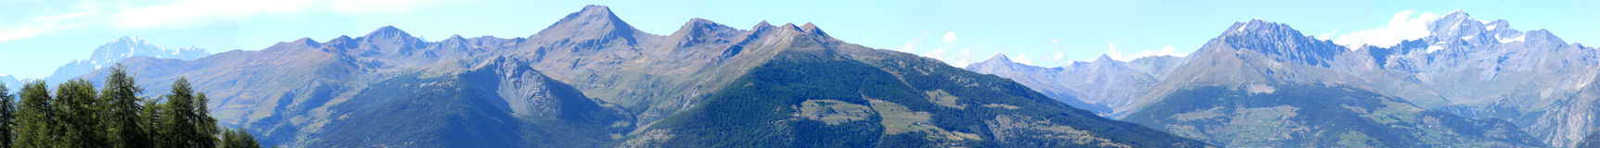 gran意大利山国家paradiso公园 免版税库存图片